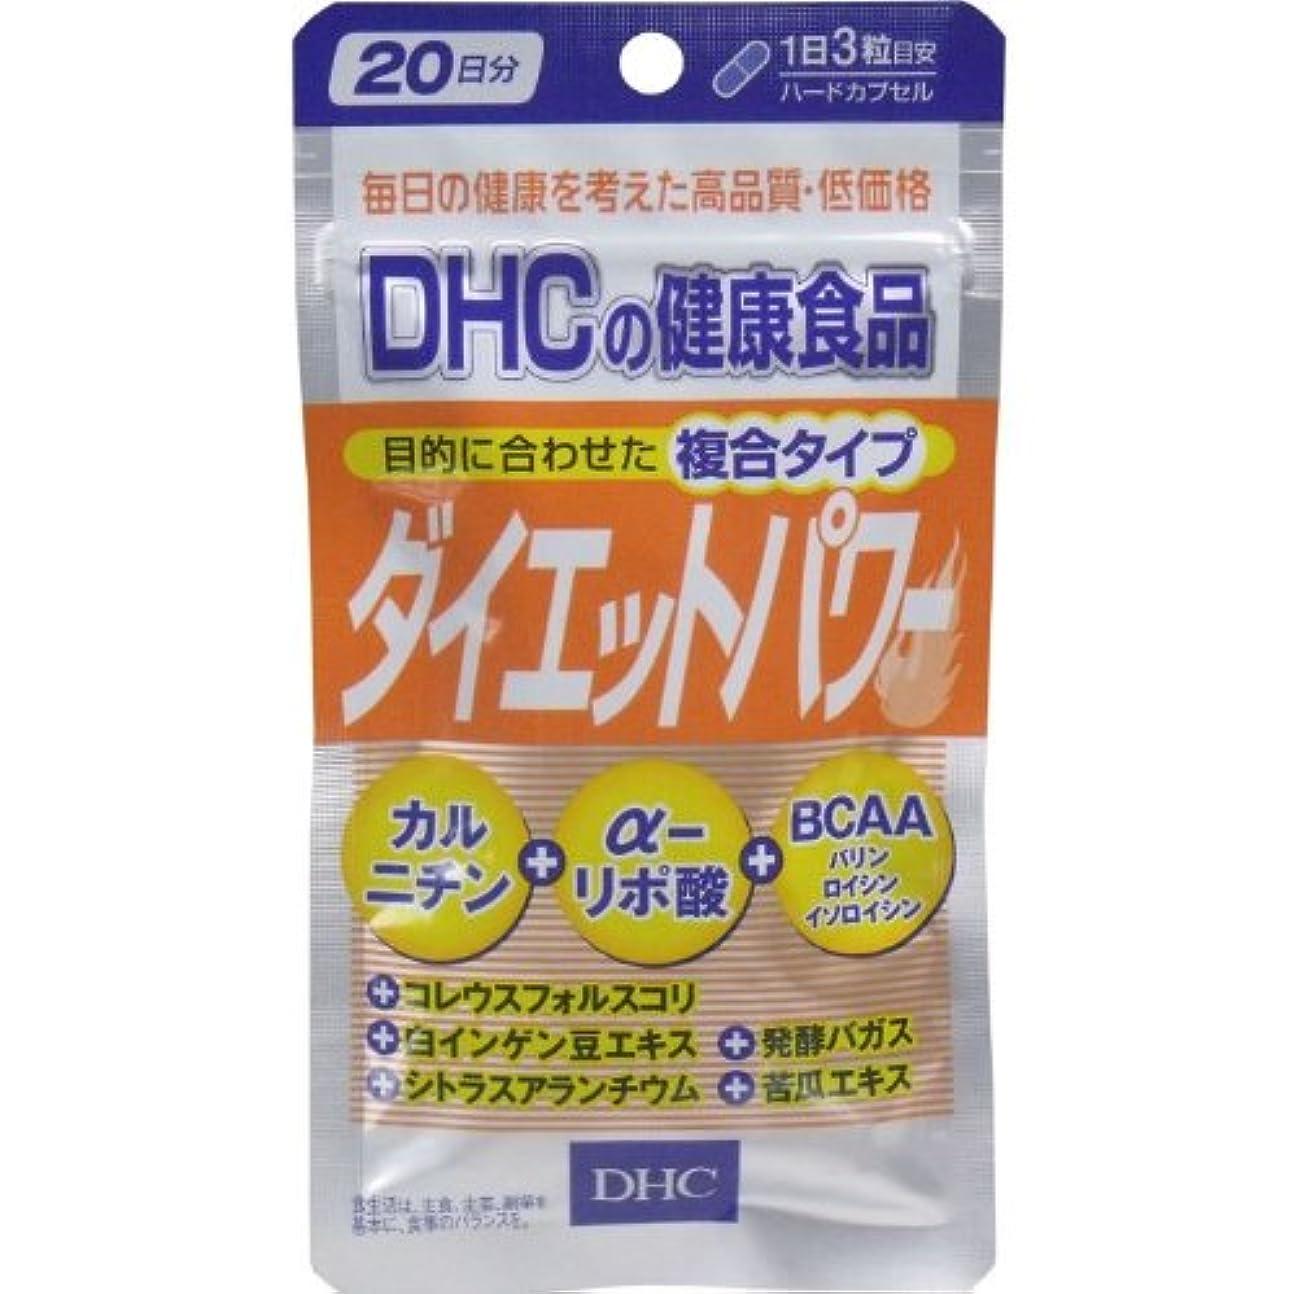 登場ひらめき驚くばかりDHC ダイエットパワー 60粒入 20日分【2個セット】